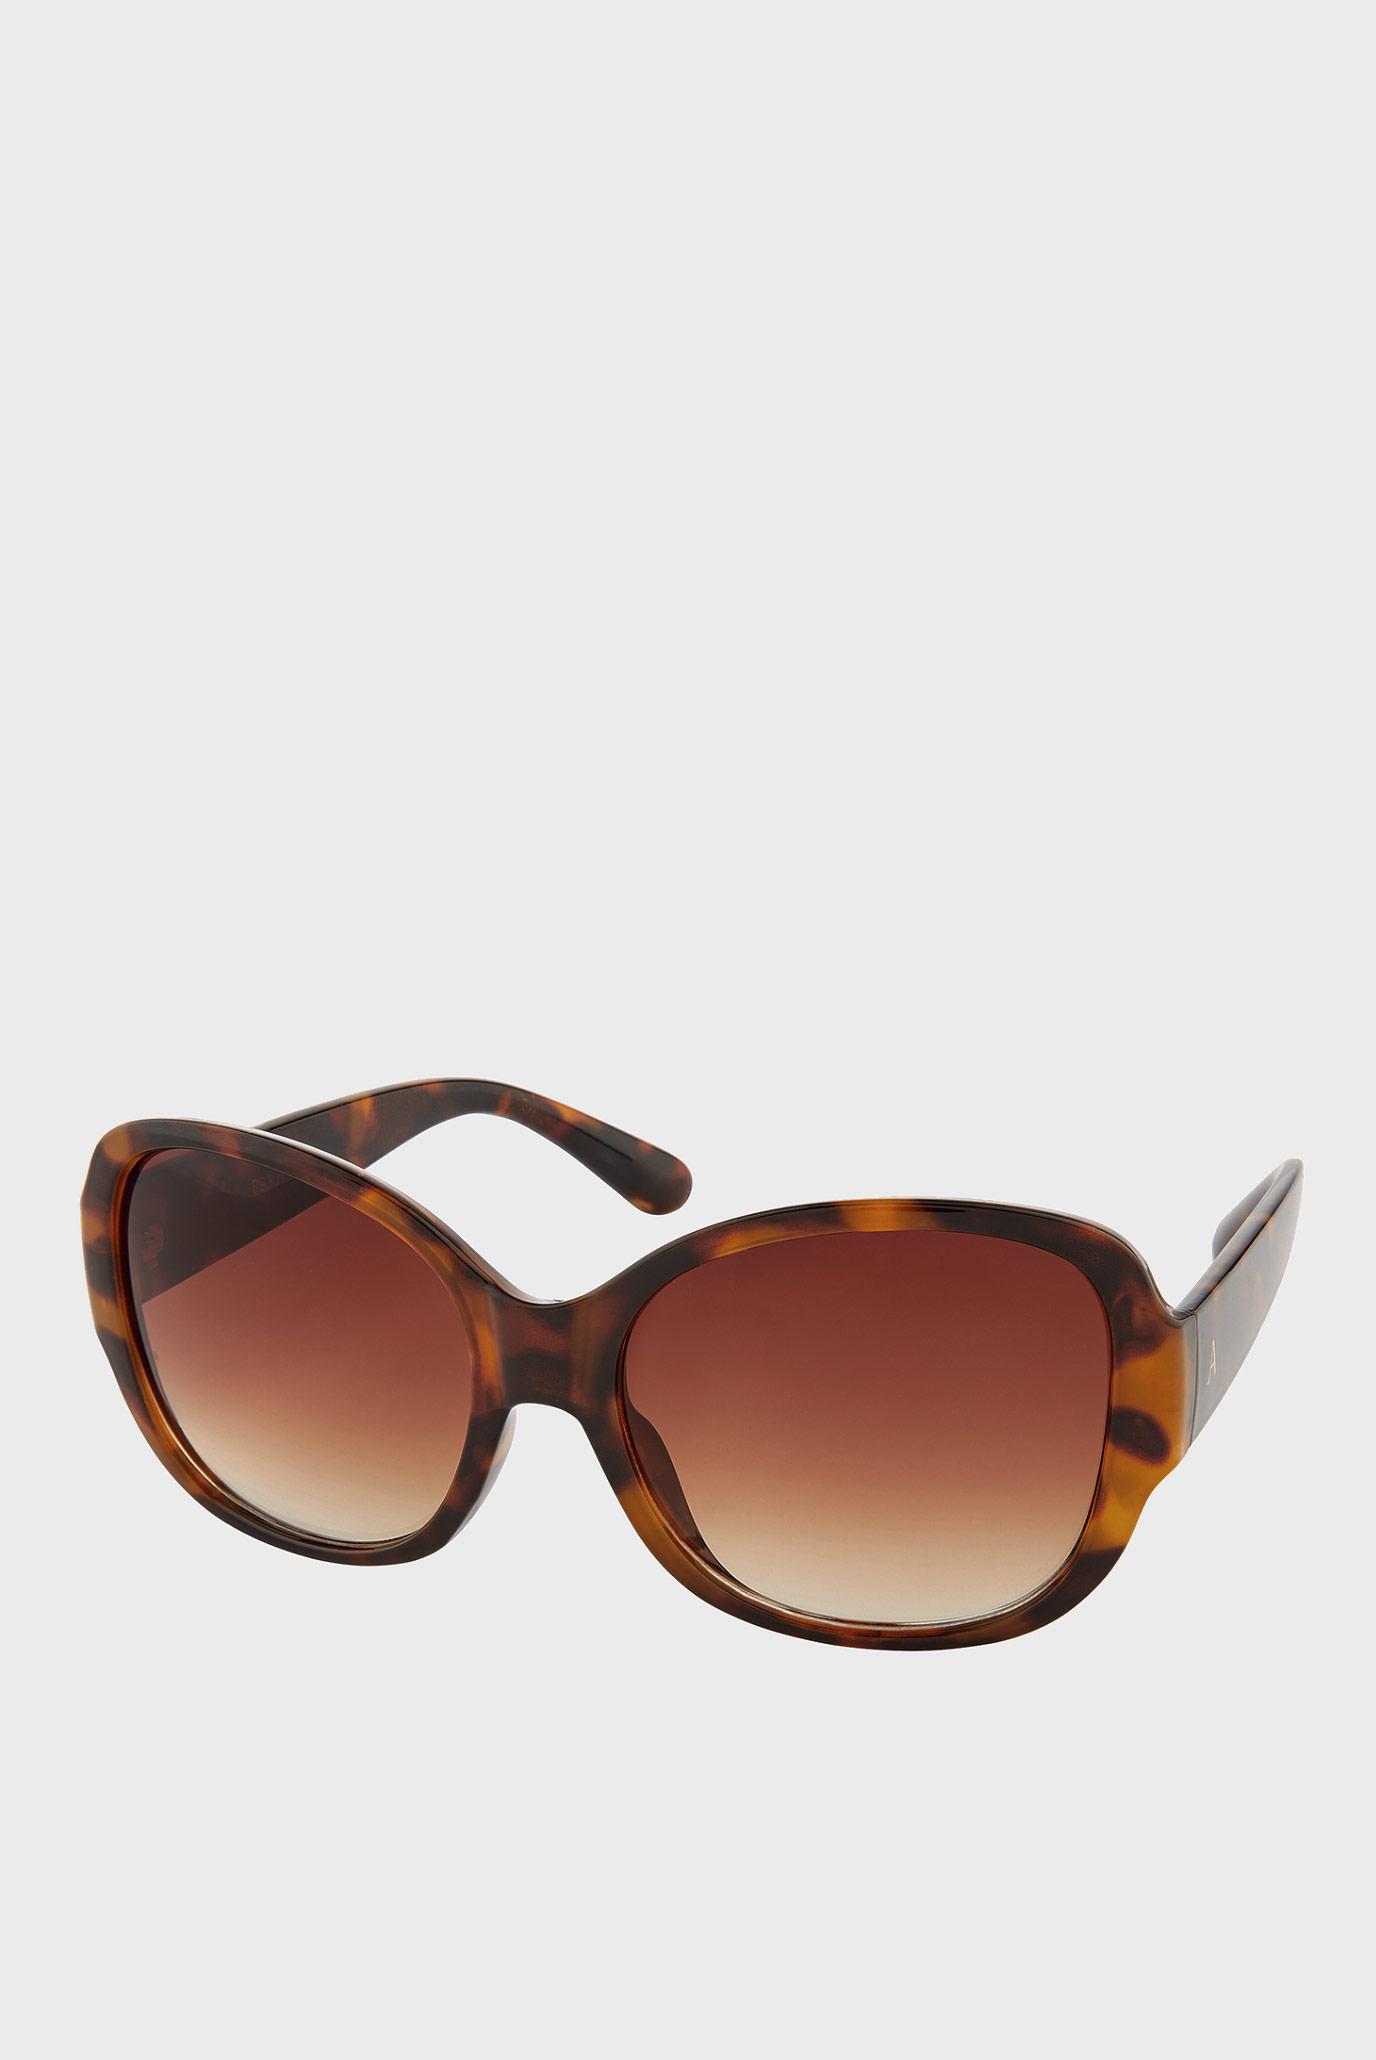 Коричневі сонцезахисні окуляри SAVANNAH GLAM SQUARE 1